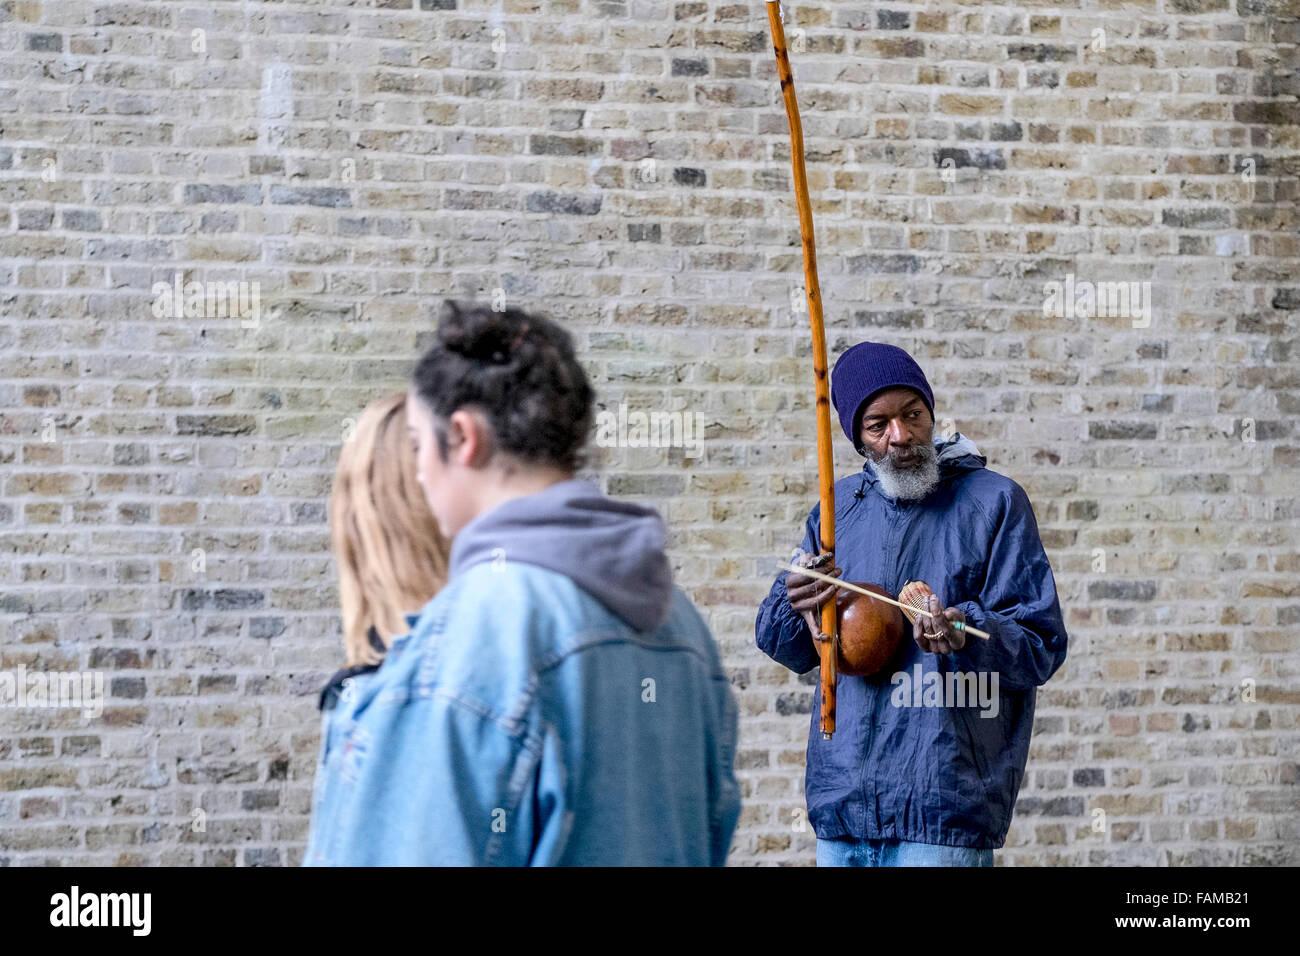 Sulla South Bank di Londra un busker, Rabimsha svolge un berimbau, un tradizionale africana/strumento brasiliano. Immagini Stock